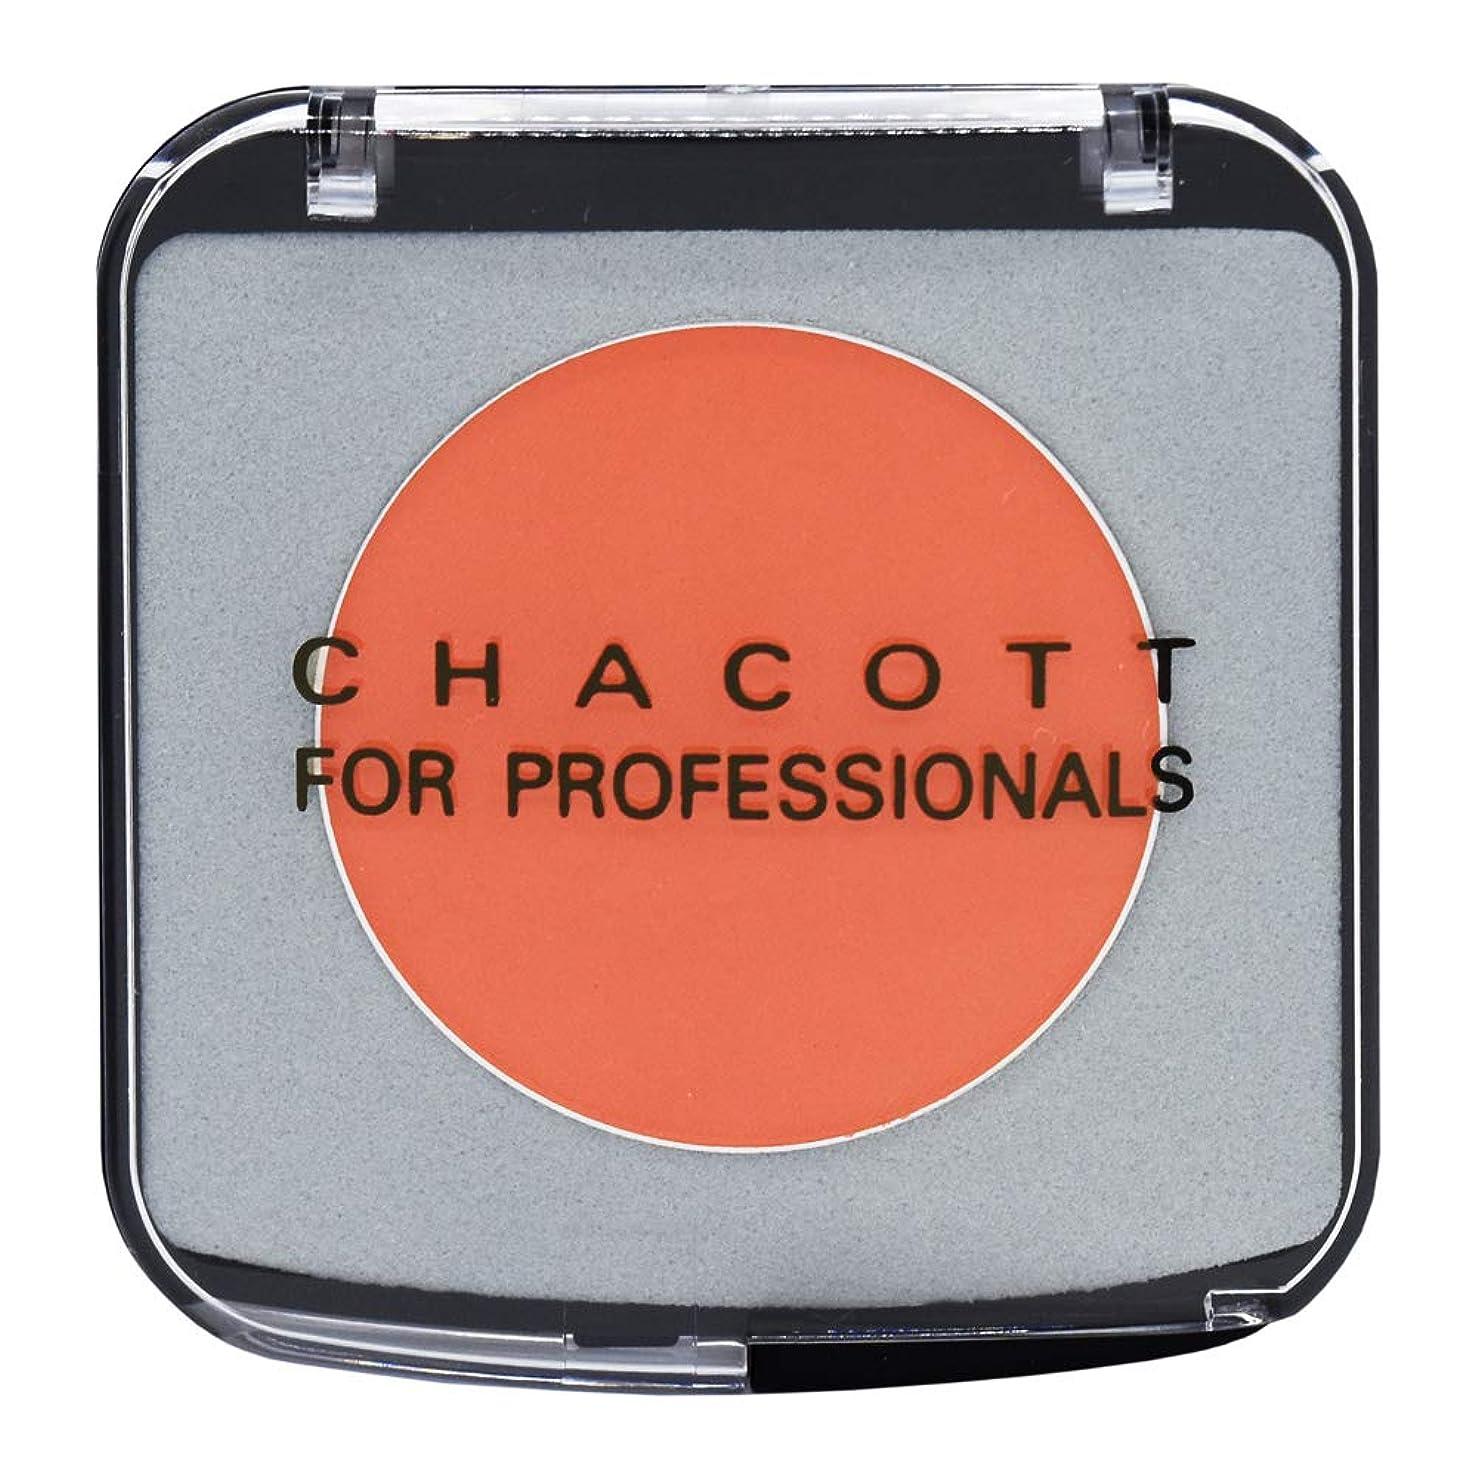 除外するスイング価値CHACOTT<チャコット> カラーバリエーション 619.フレームポピー